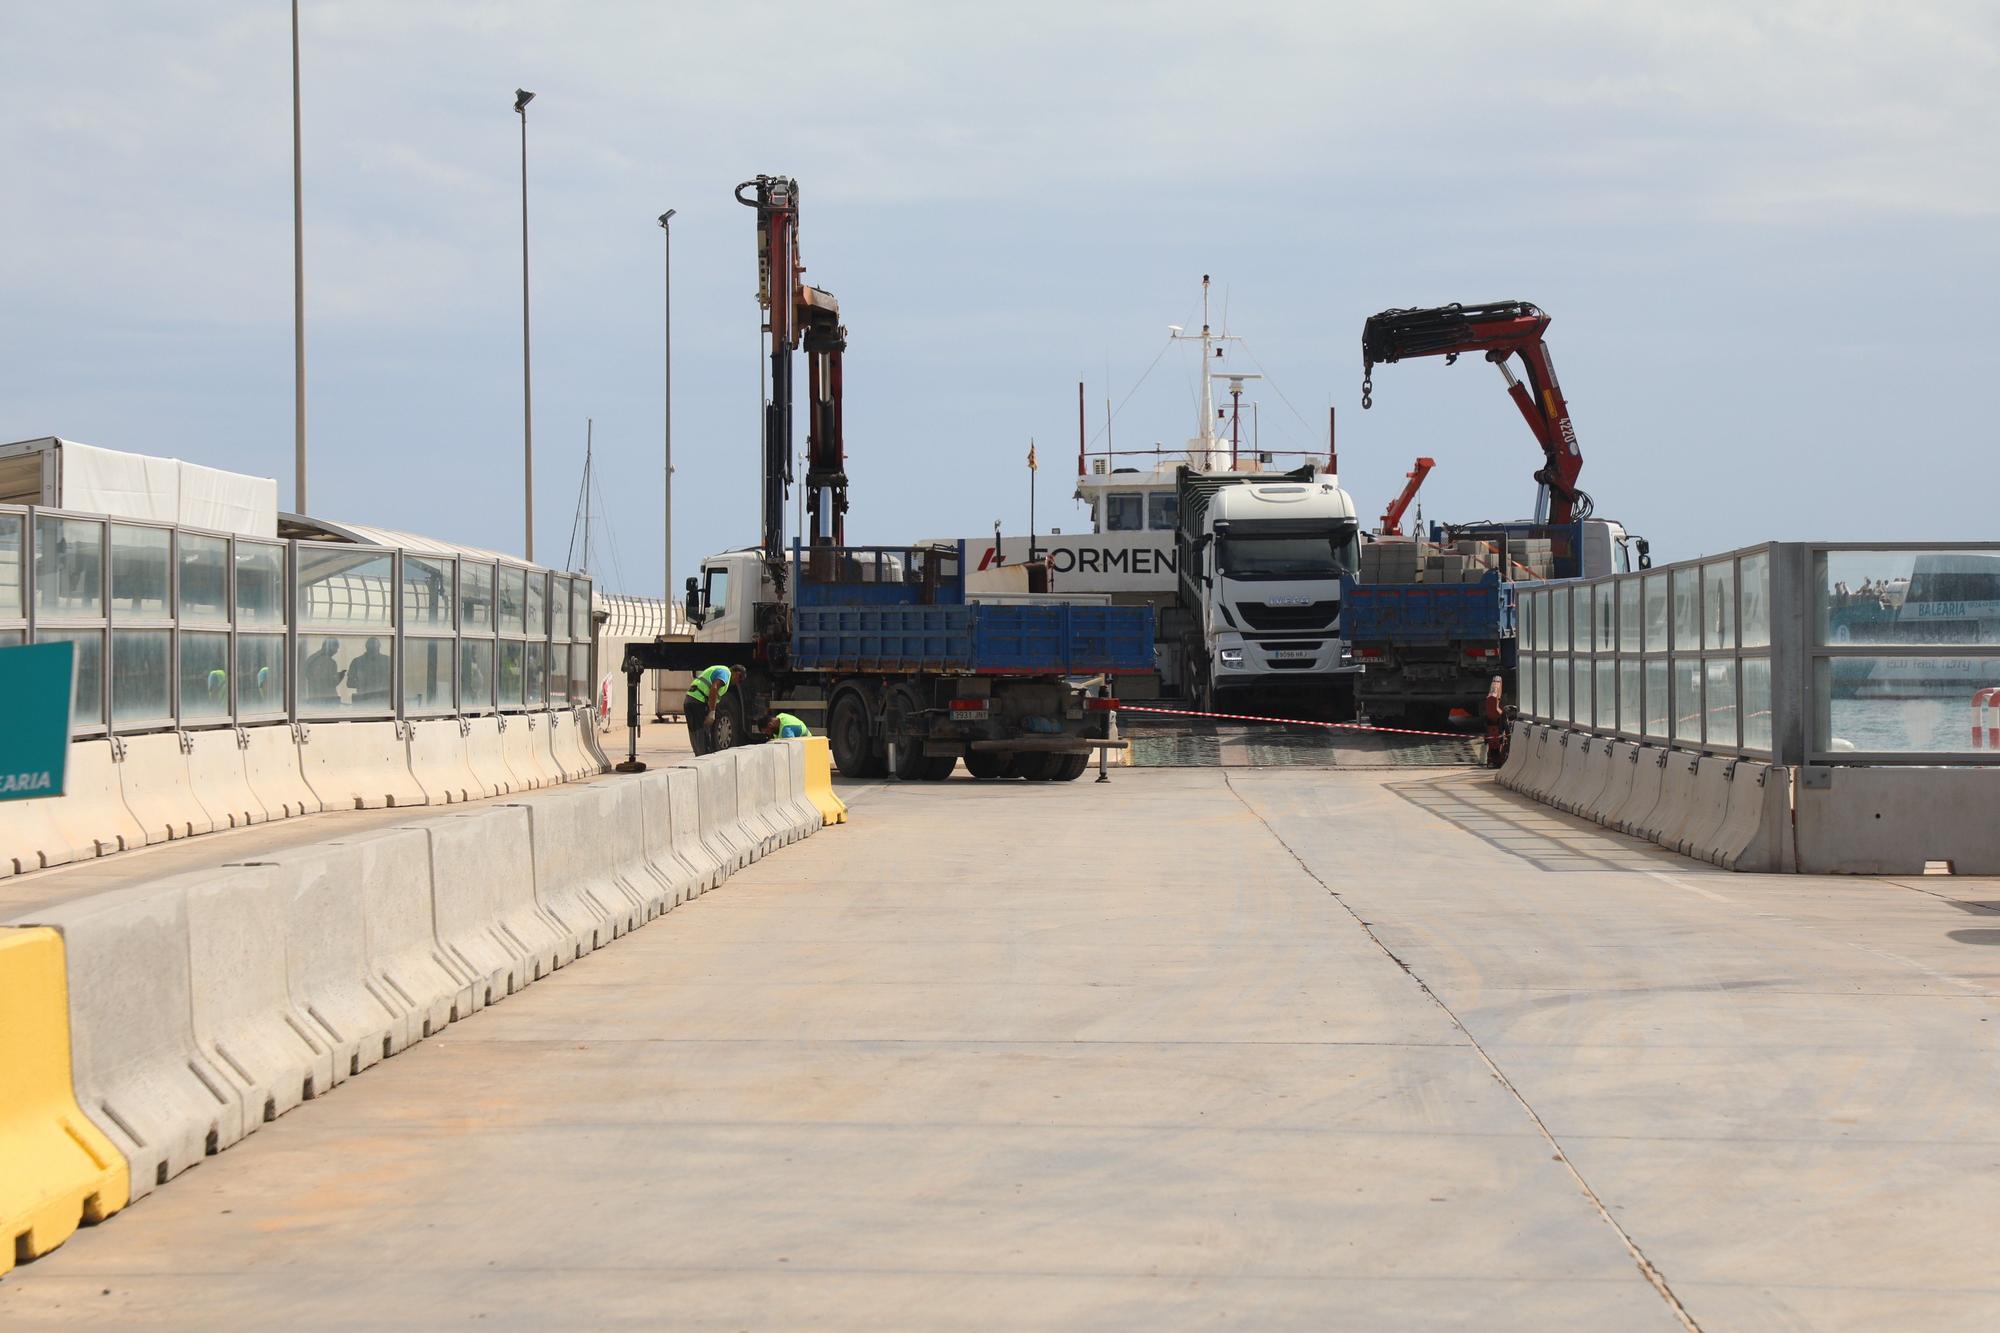 Cerrado el puerto de Formentera al tráfico rodado